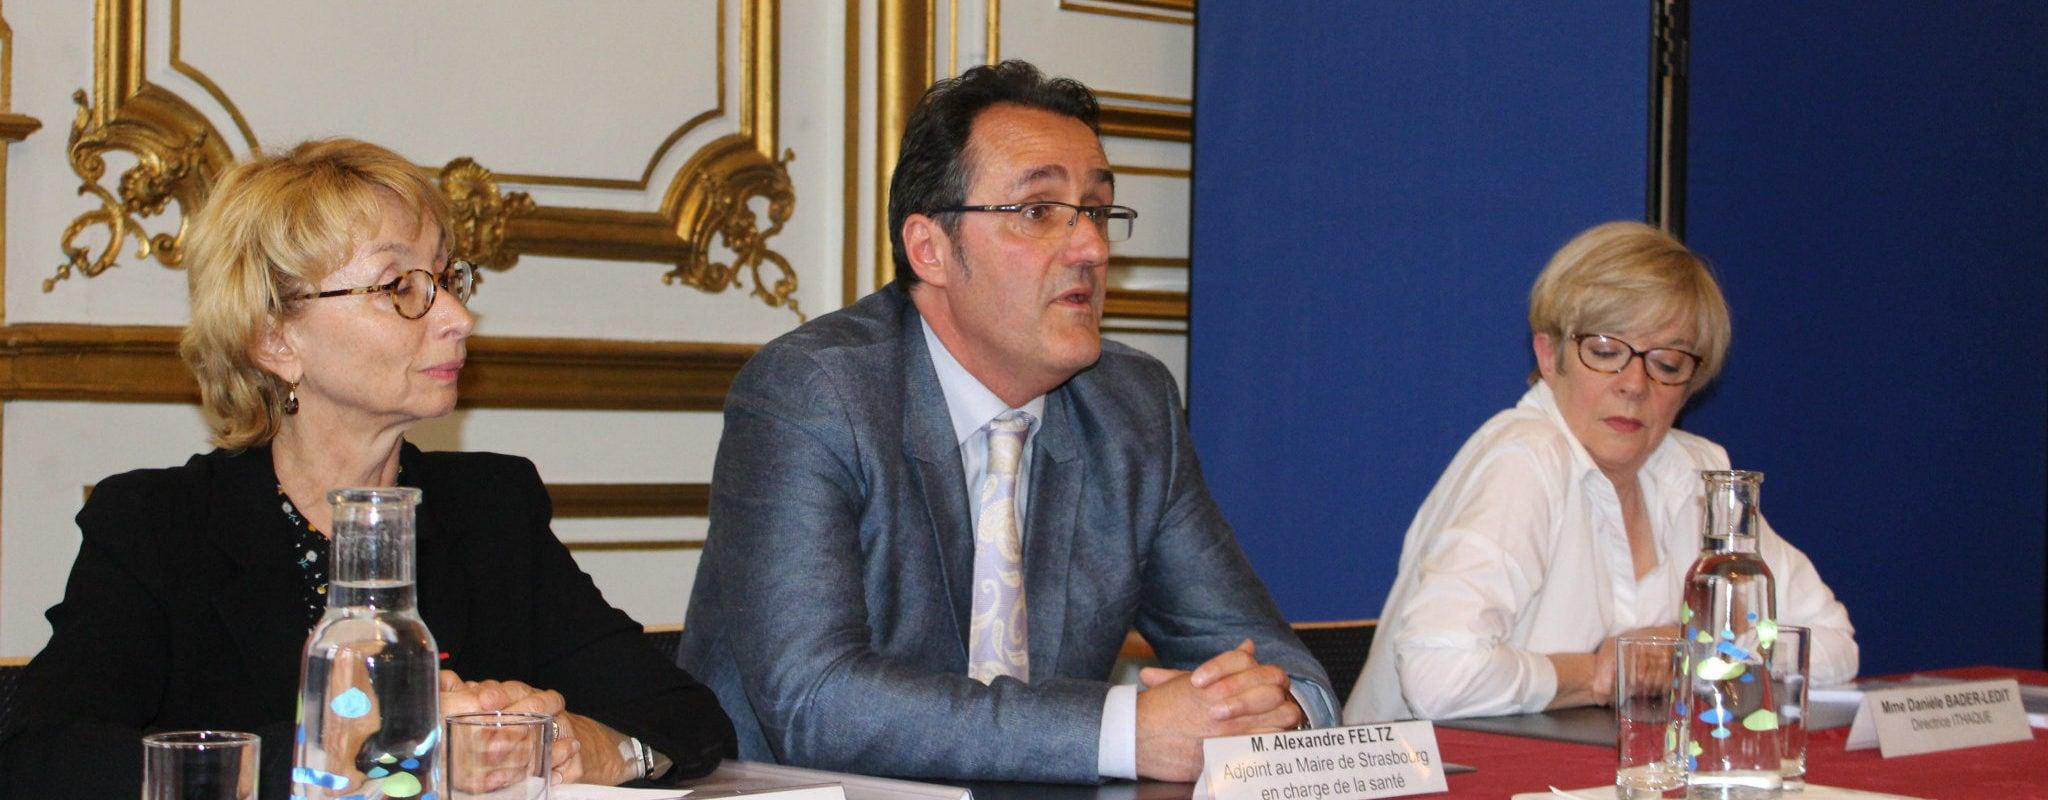 L'adjoint au maire Alexandre Feltz rejoint Place publique